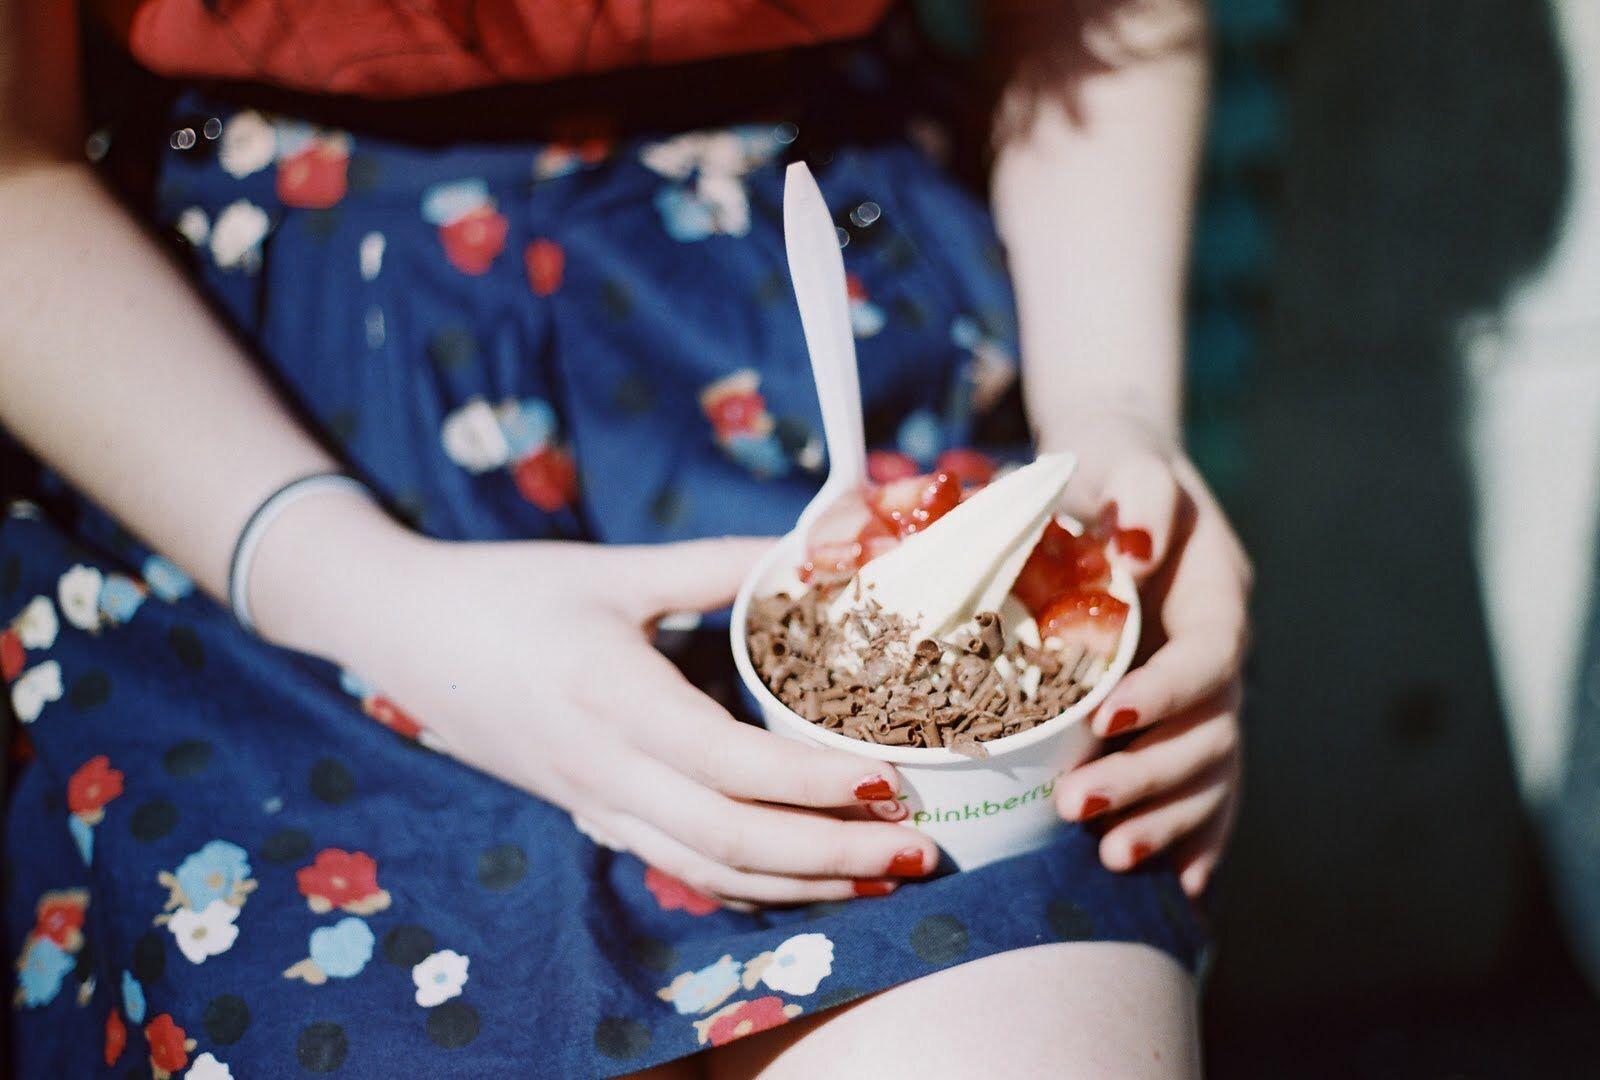 Фото девушка с мороженым без лица